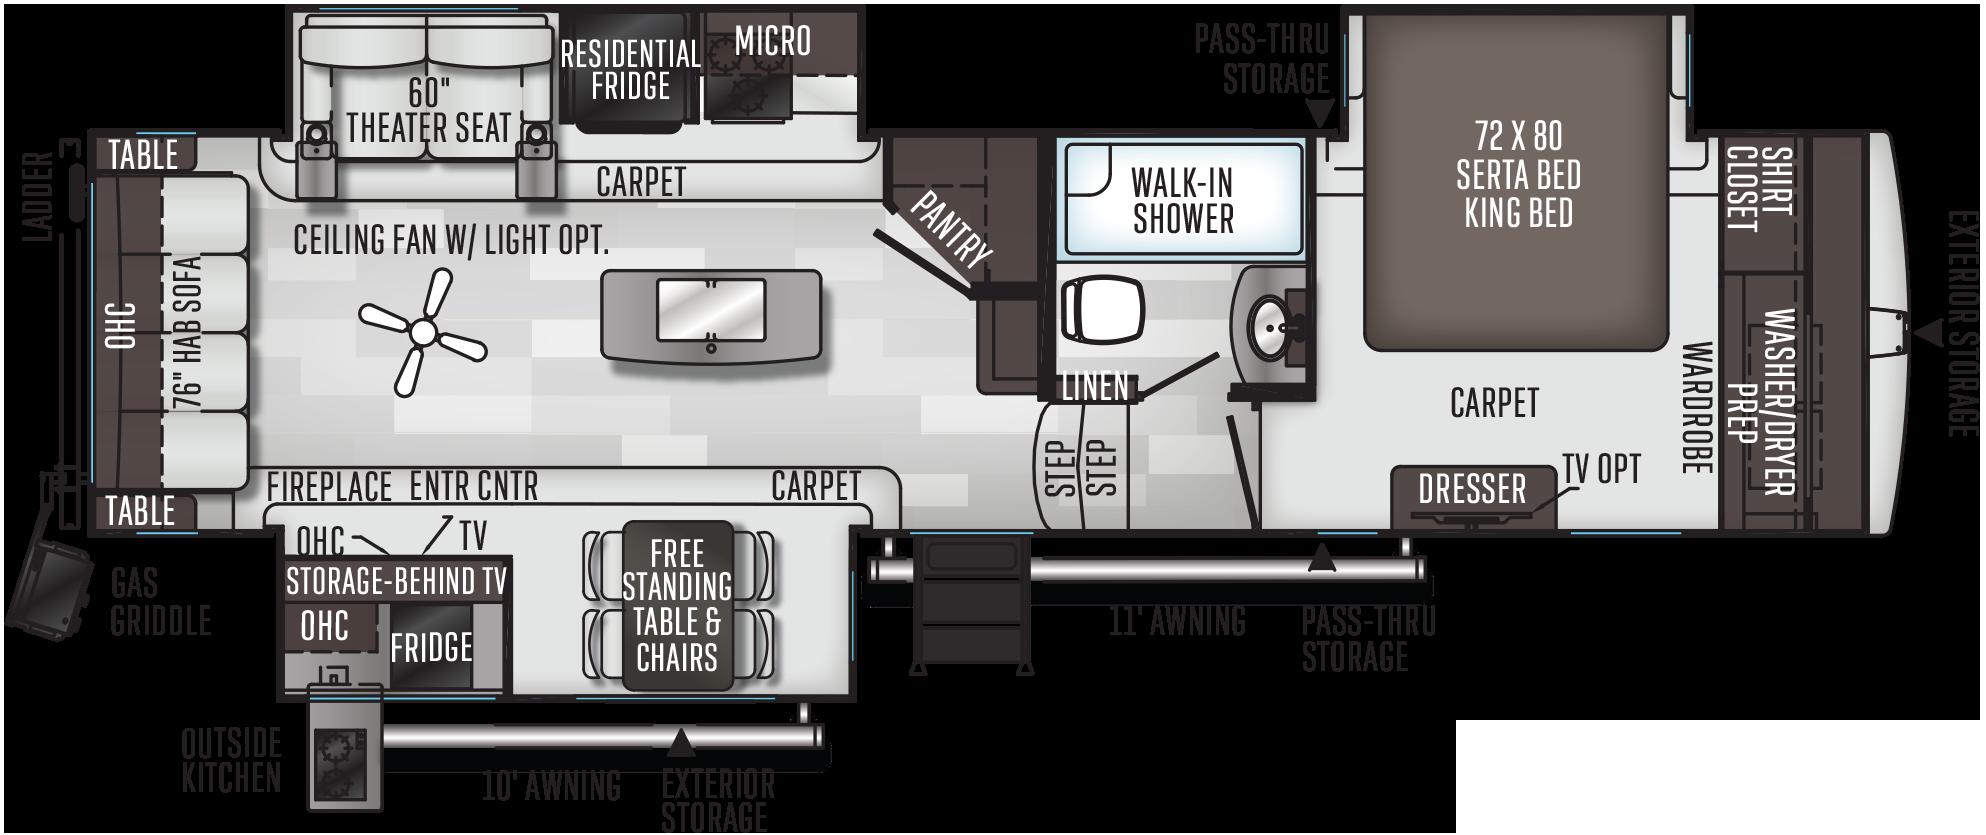 8529cbs Floorplan